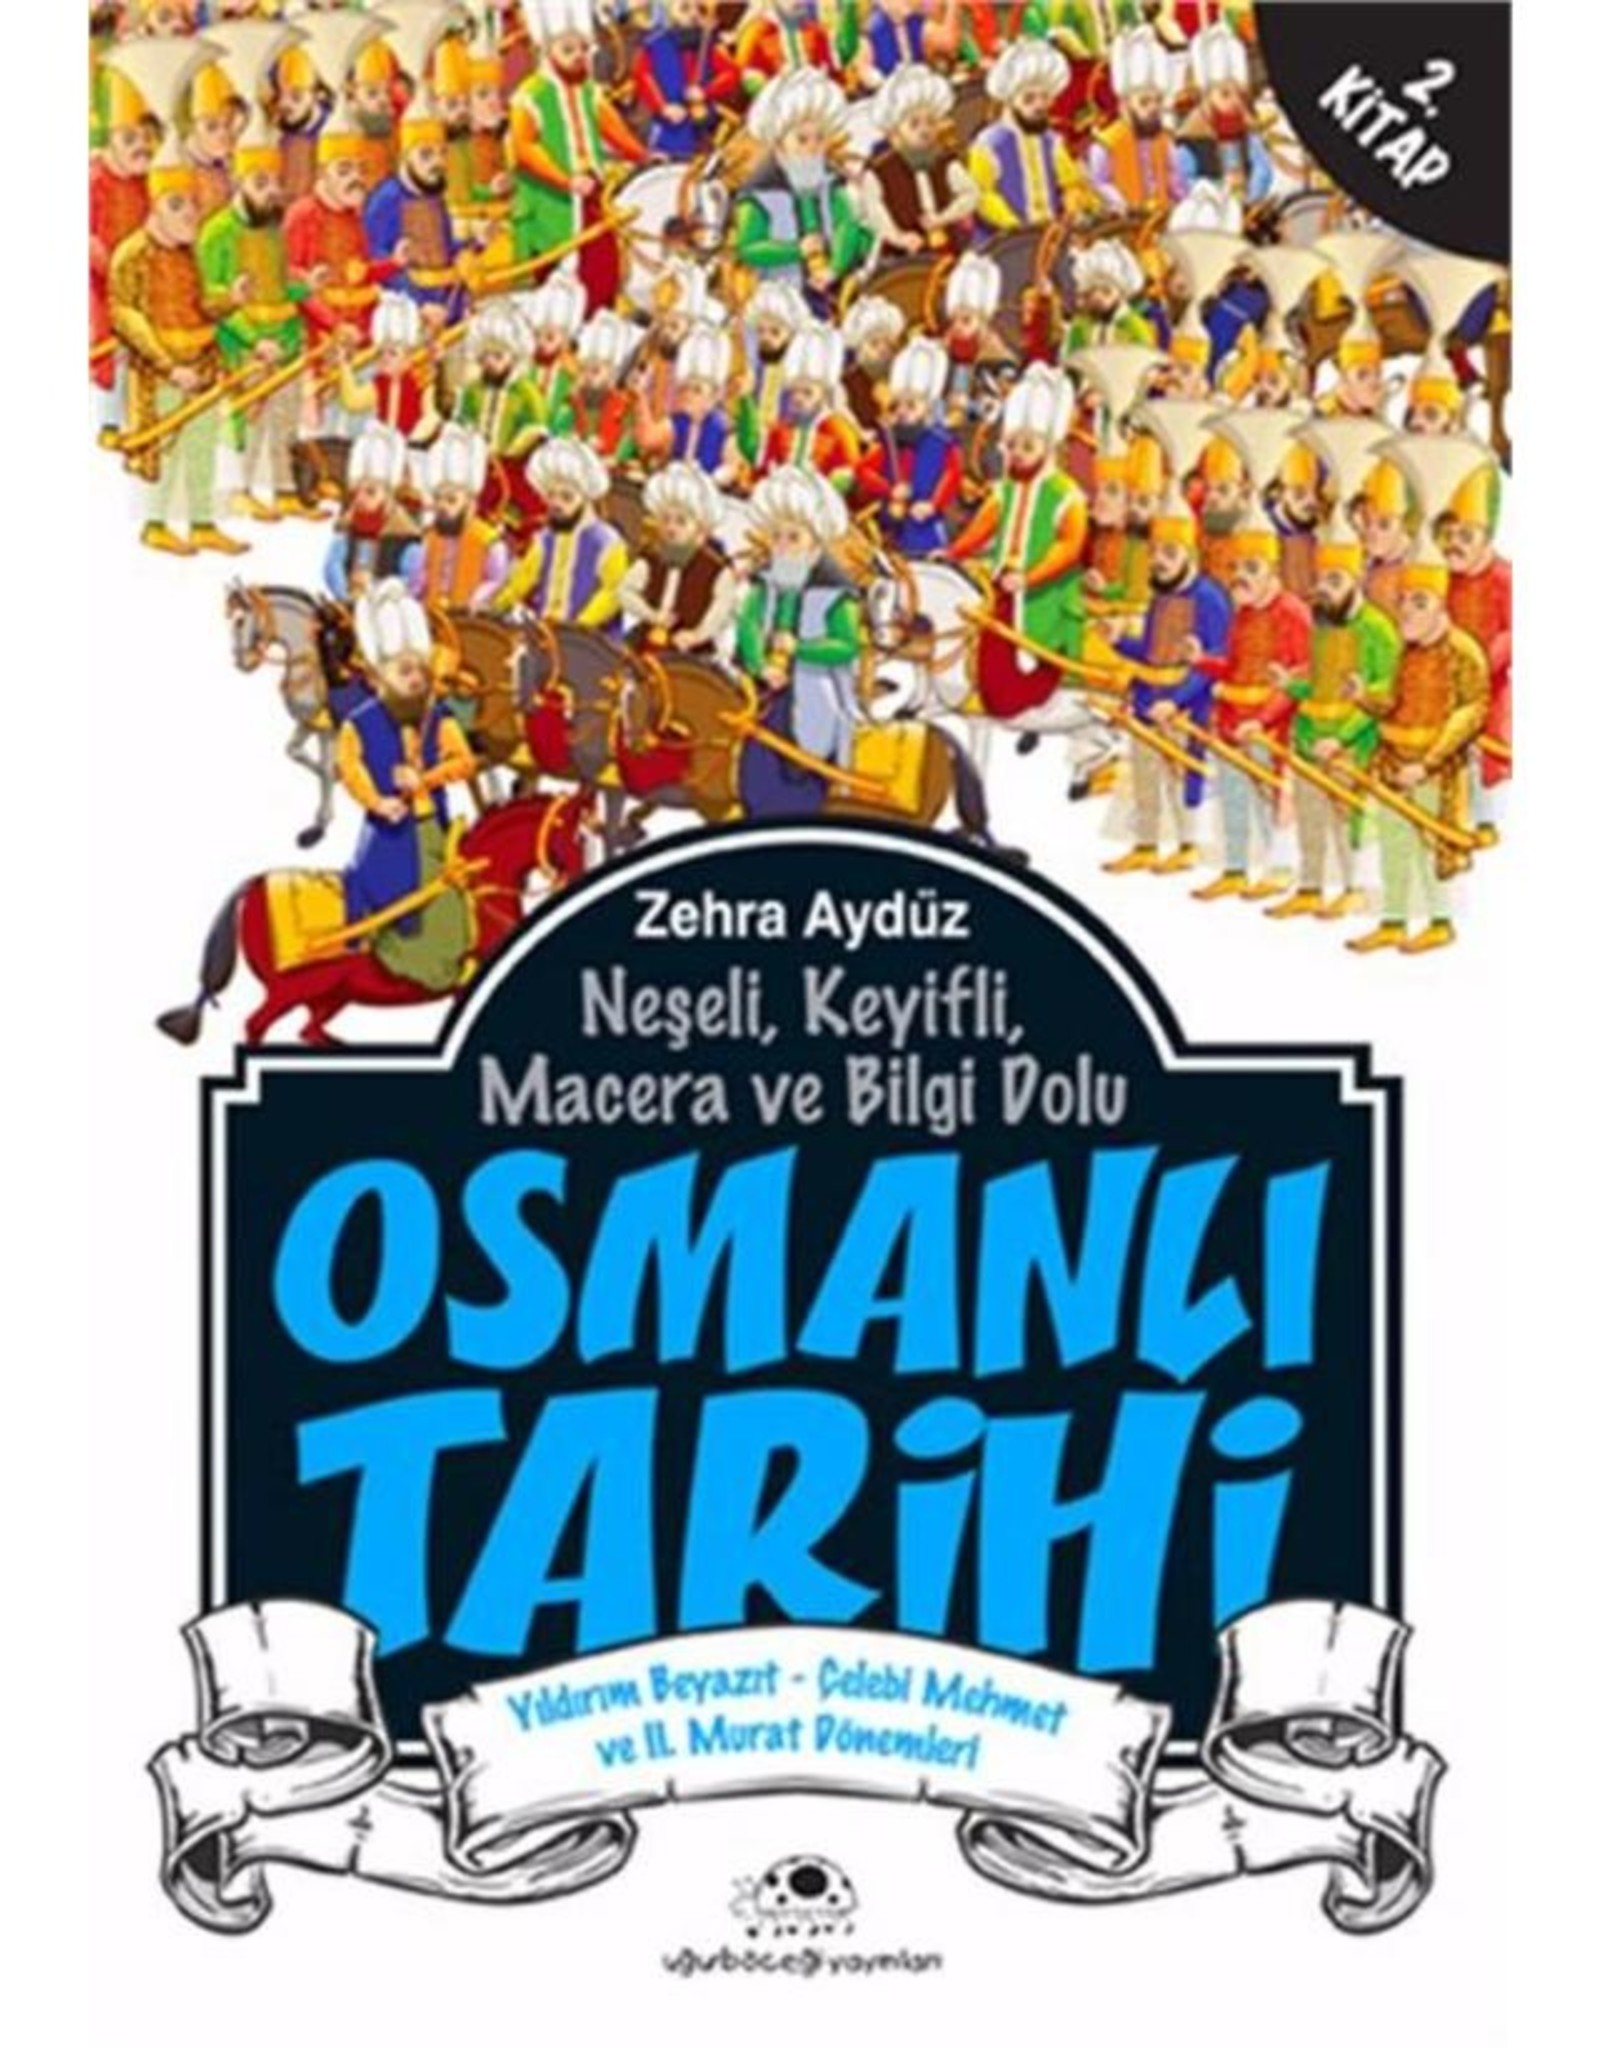 Osmanlı Tarihi Yıldırım Beyazıt - Çelebi Mehmet ve 2. Murat Dönemleri